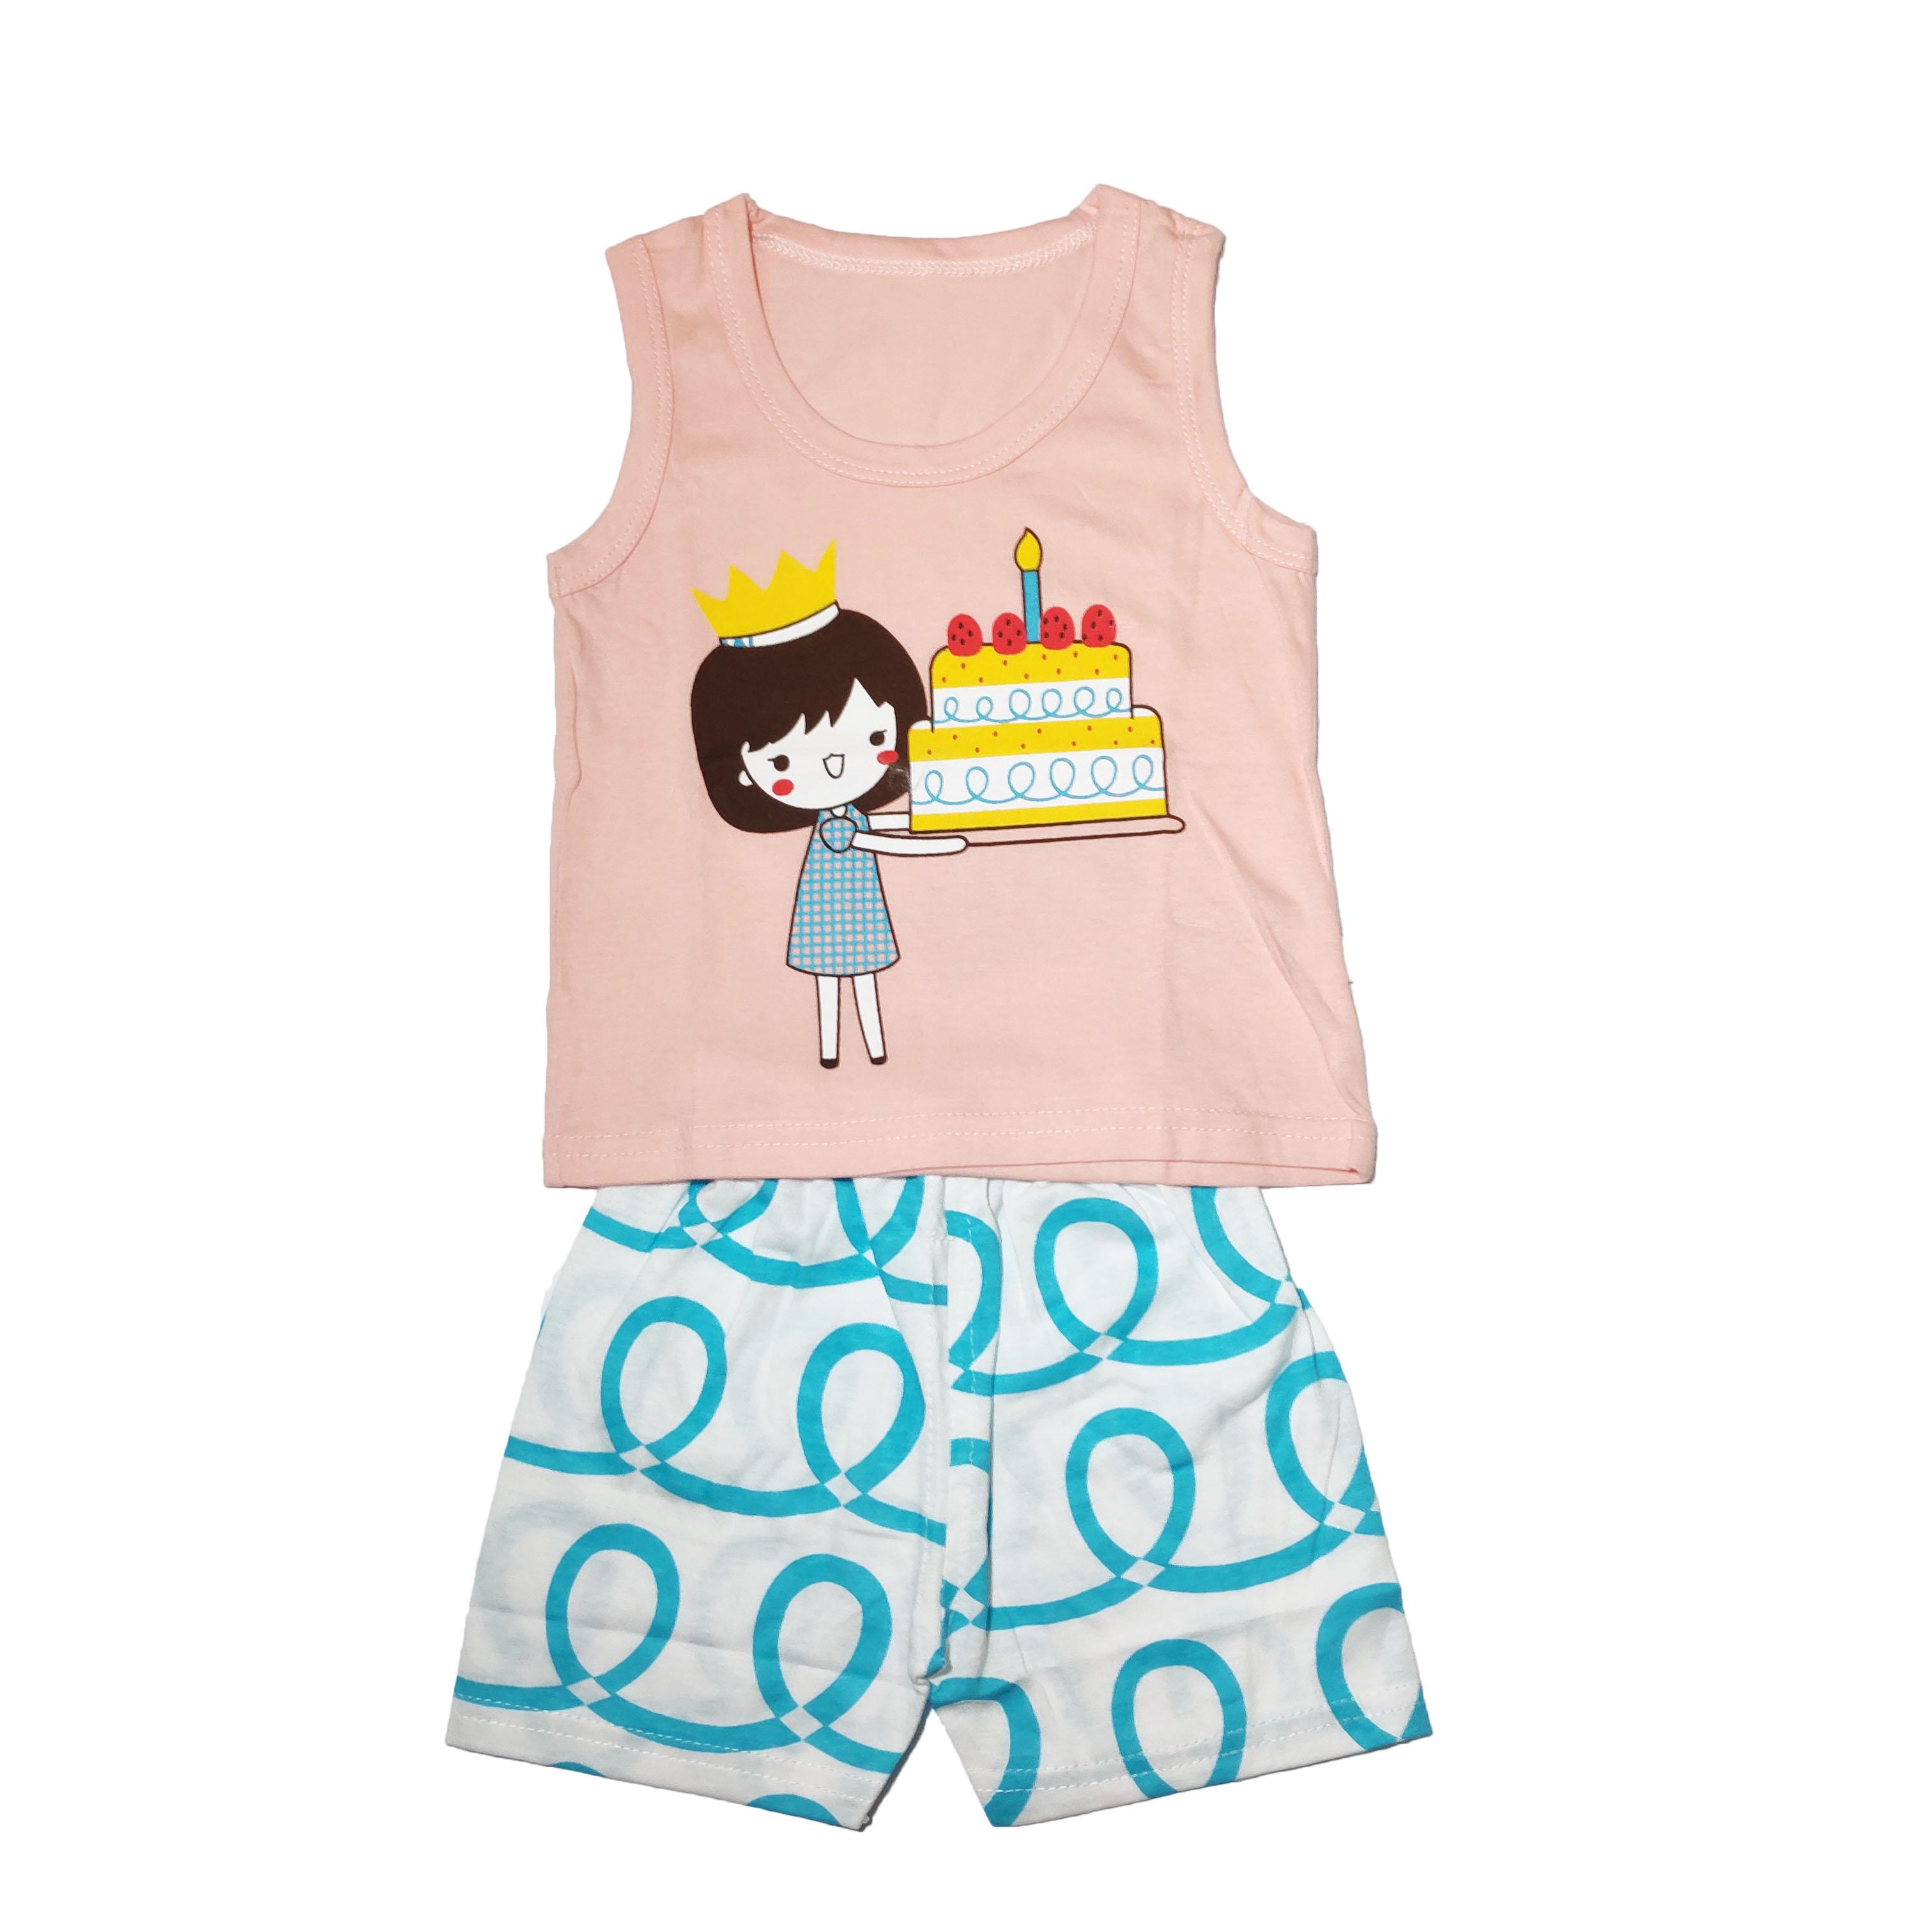 Combo 2 bộ cotton hàng xuất chất siêu đẹp cho bé gái ZIPPY-DB-002